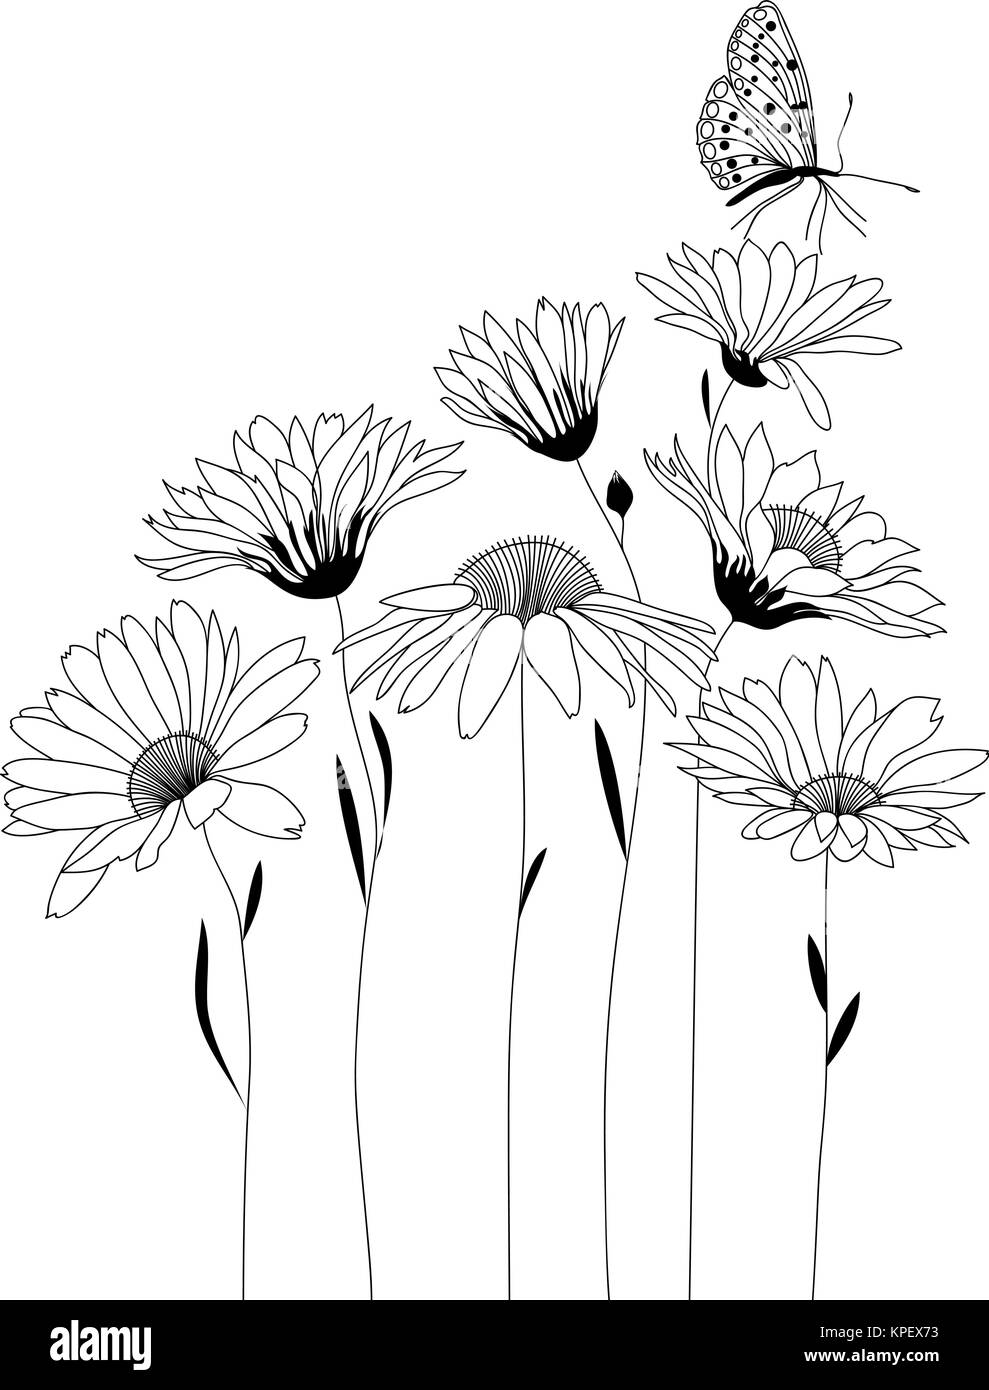 Fiori Stilizzati.Design Floreale Bouquet Di Fiori Stilizzati Illustrazione